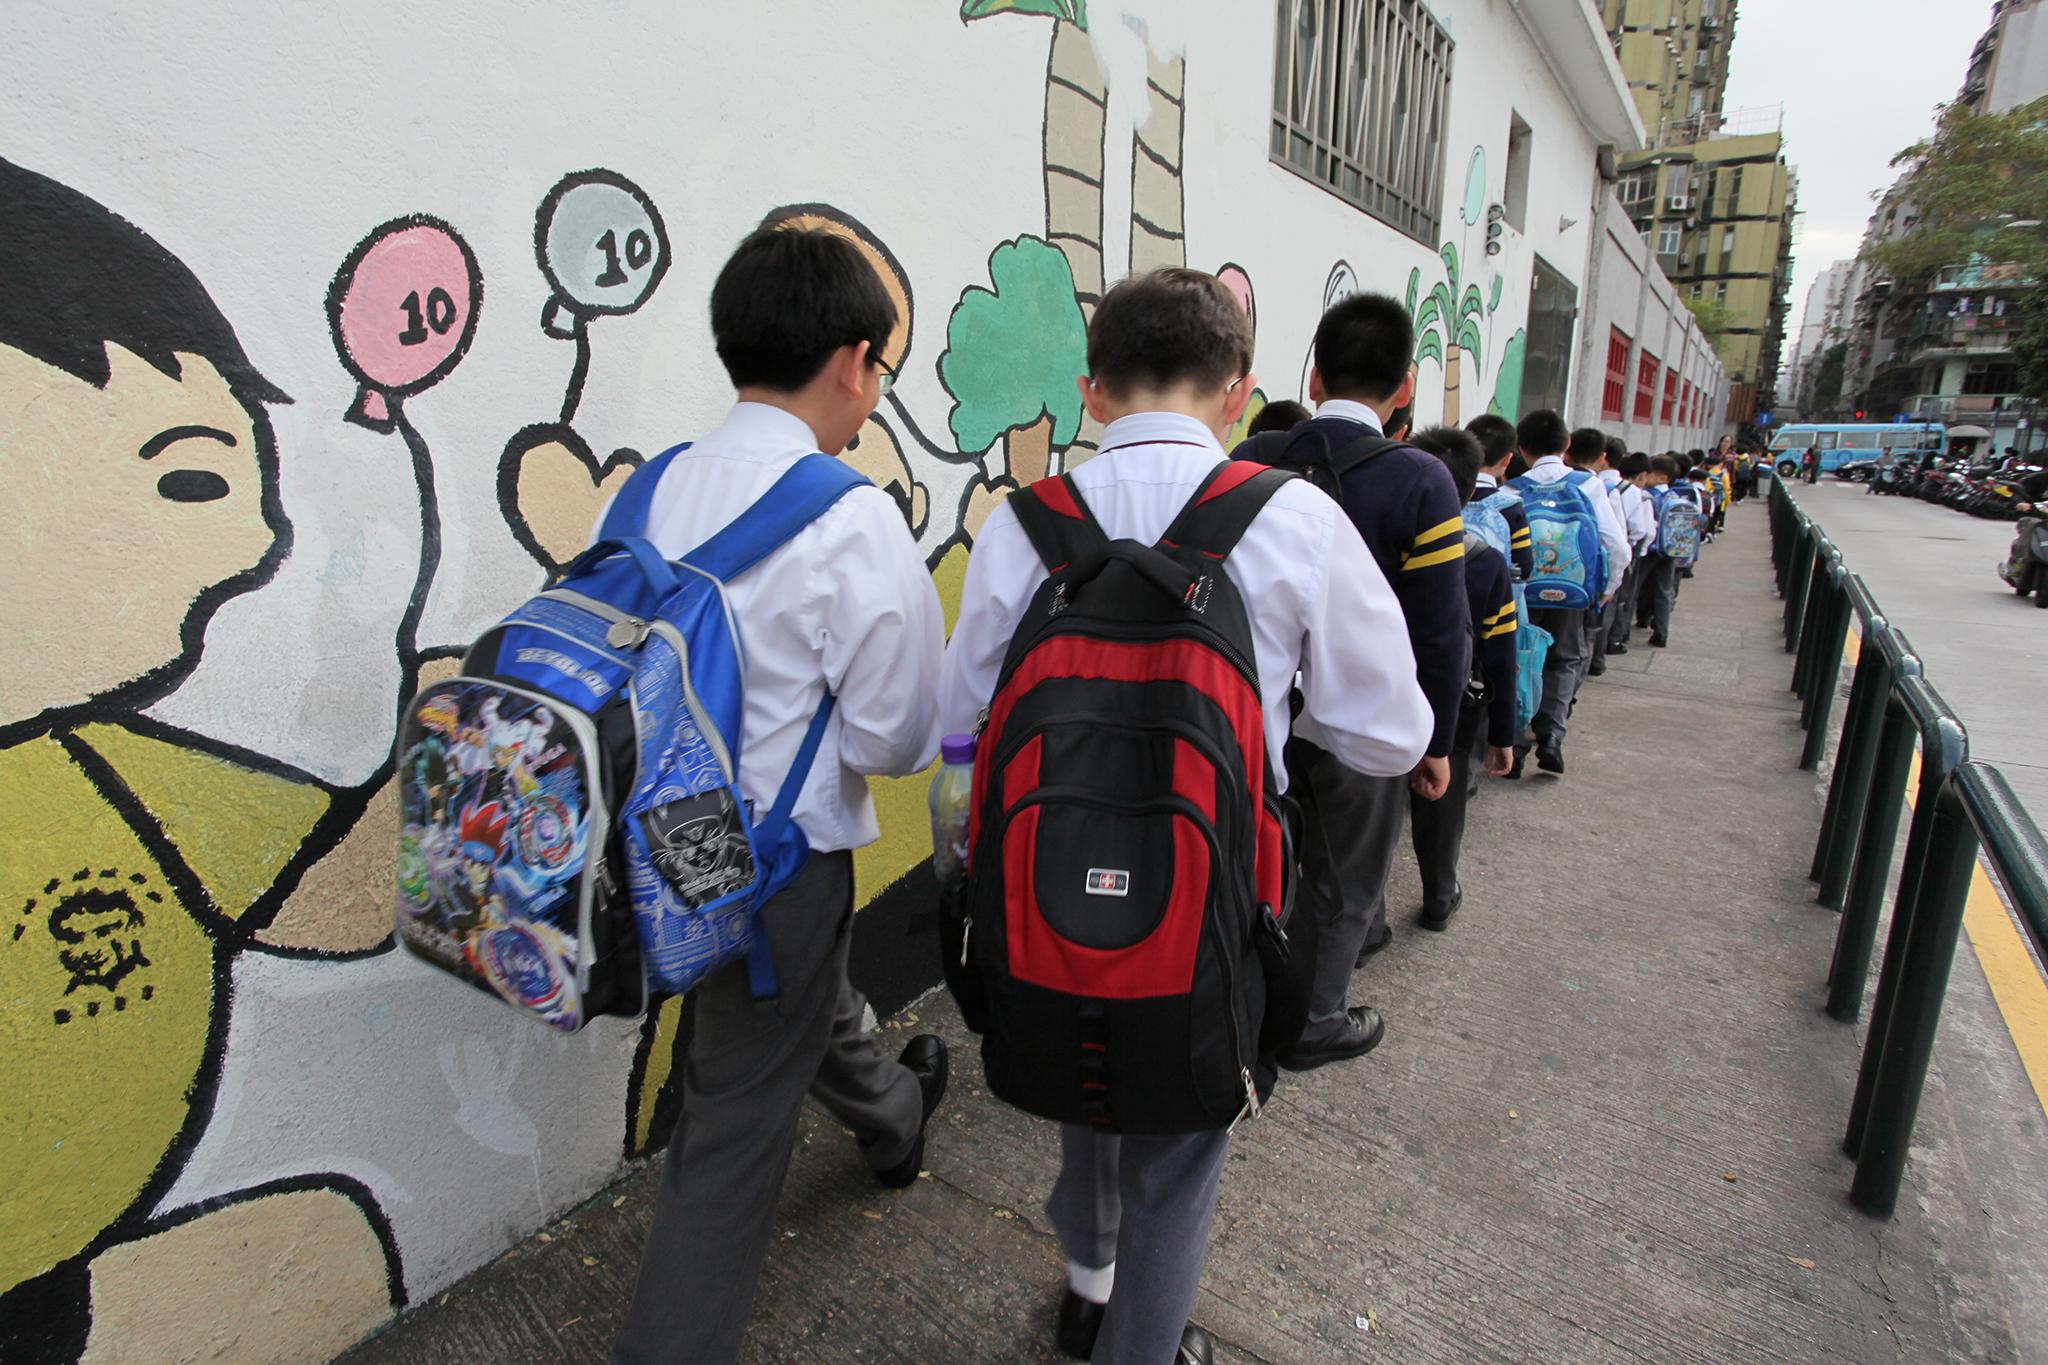 Ano lectivo   Maioria das escolas começou aulas no período previsto